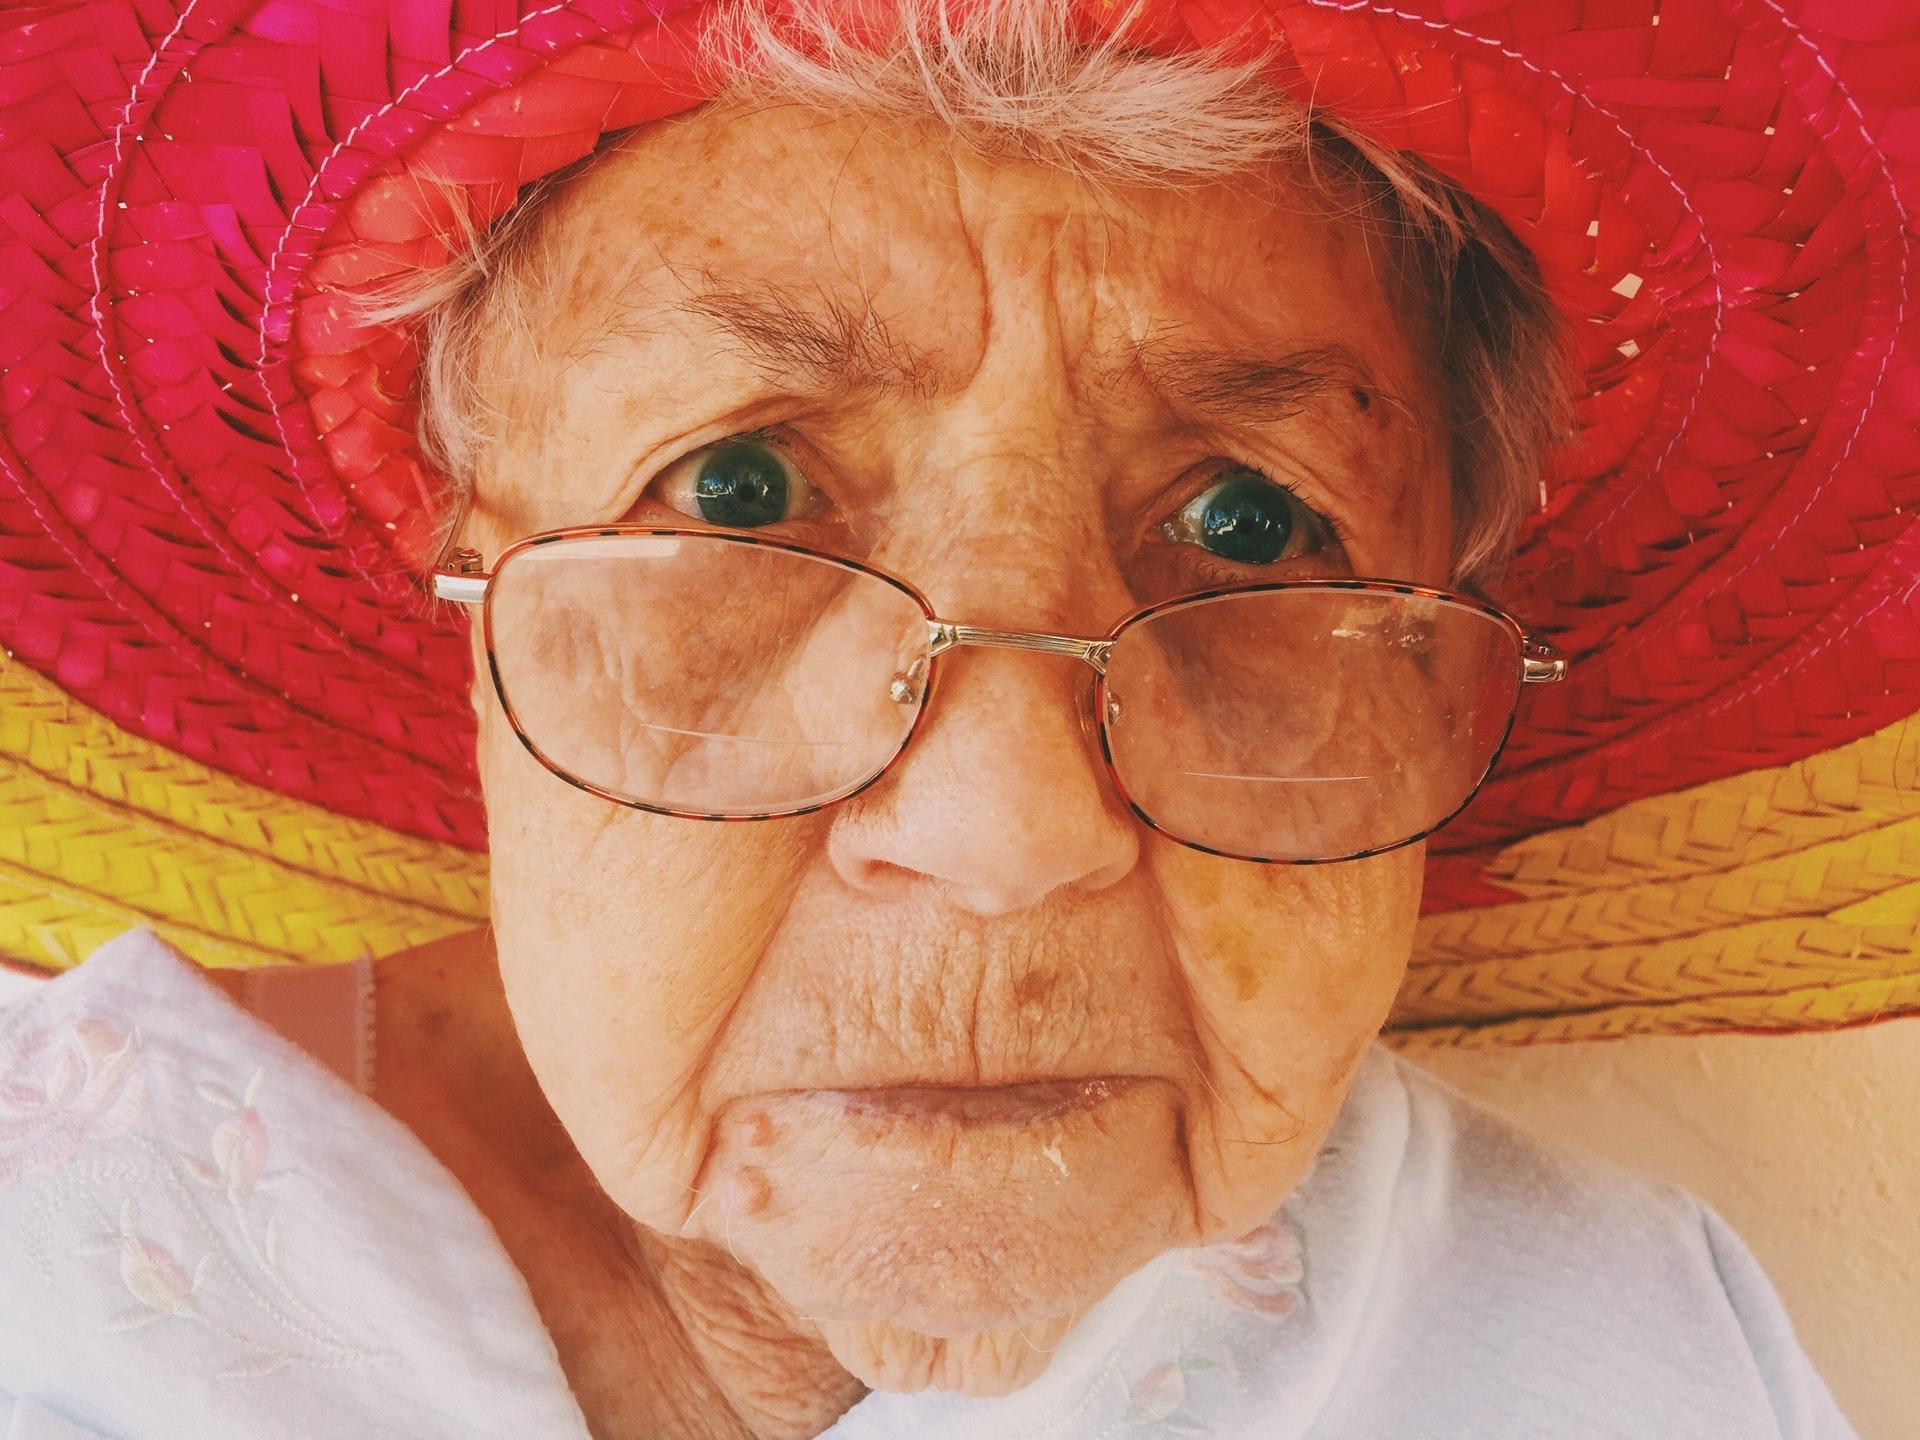 Перечислили пять вещей, которыми нельзя заниматься людям после 60 лет